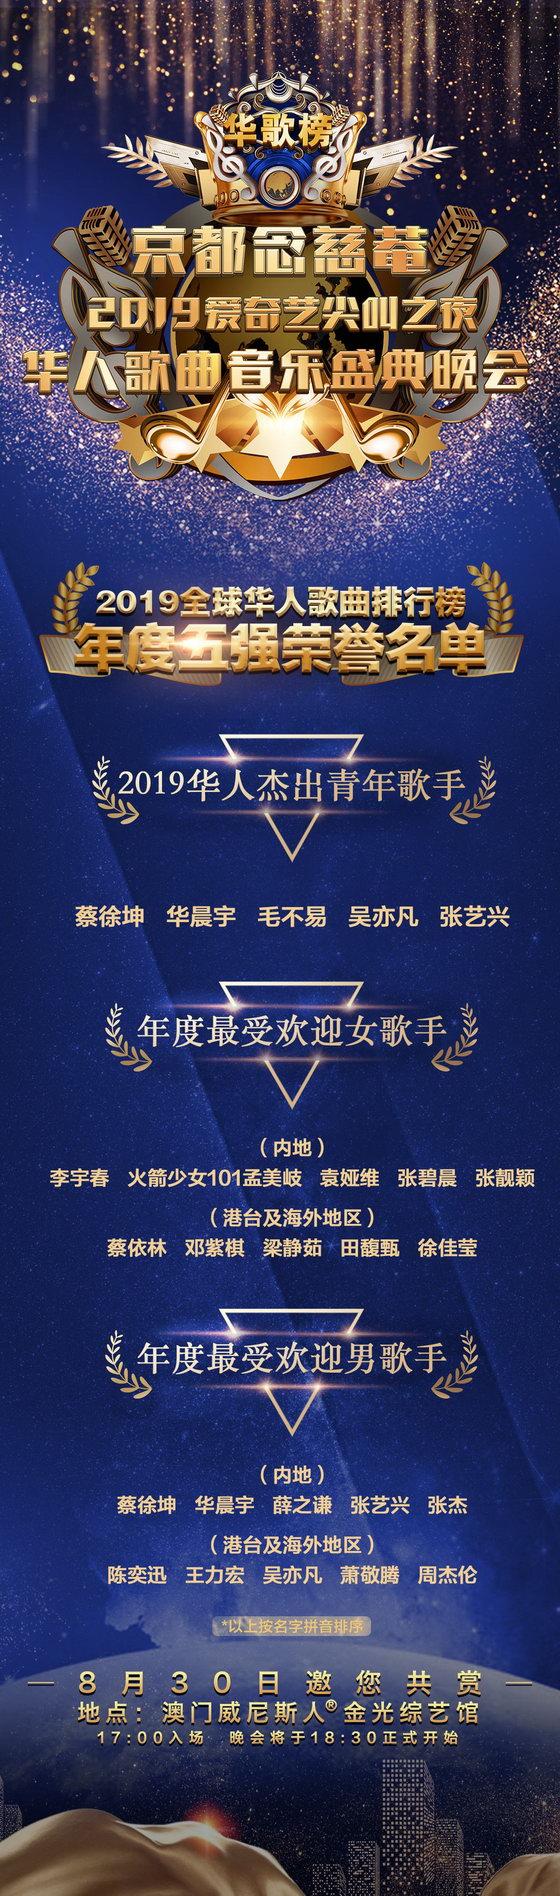 2019新歌排行榜_2019《全球华人歌曲排行榜》公布年度五强名单